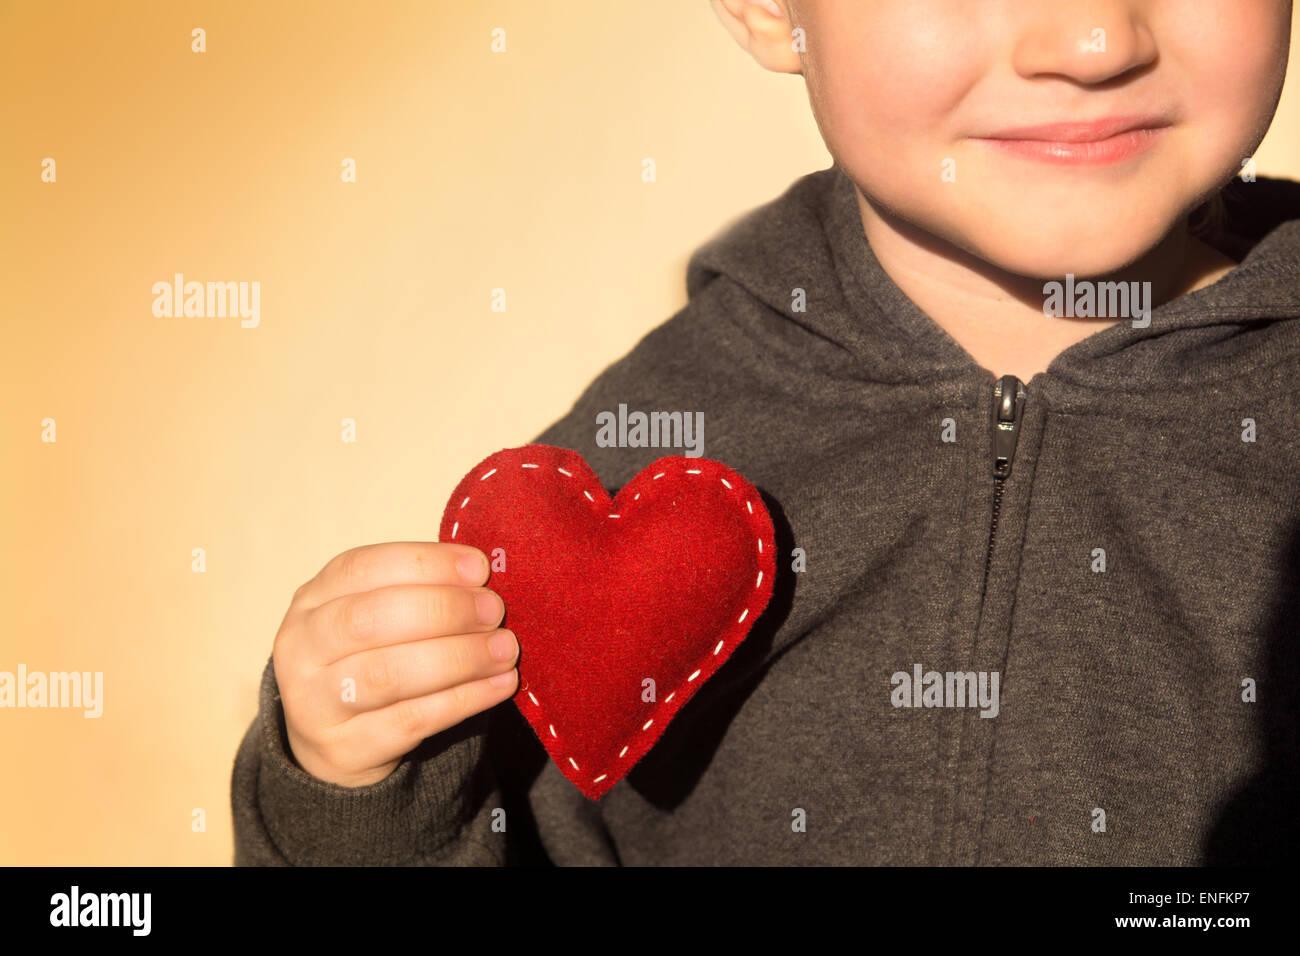 Cuore rosso nelle mani del bambino. Gentilezza concetto, dono fatto a mano e Valentino, close up, orizzontale, spazio Immagini Stock